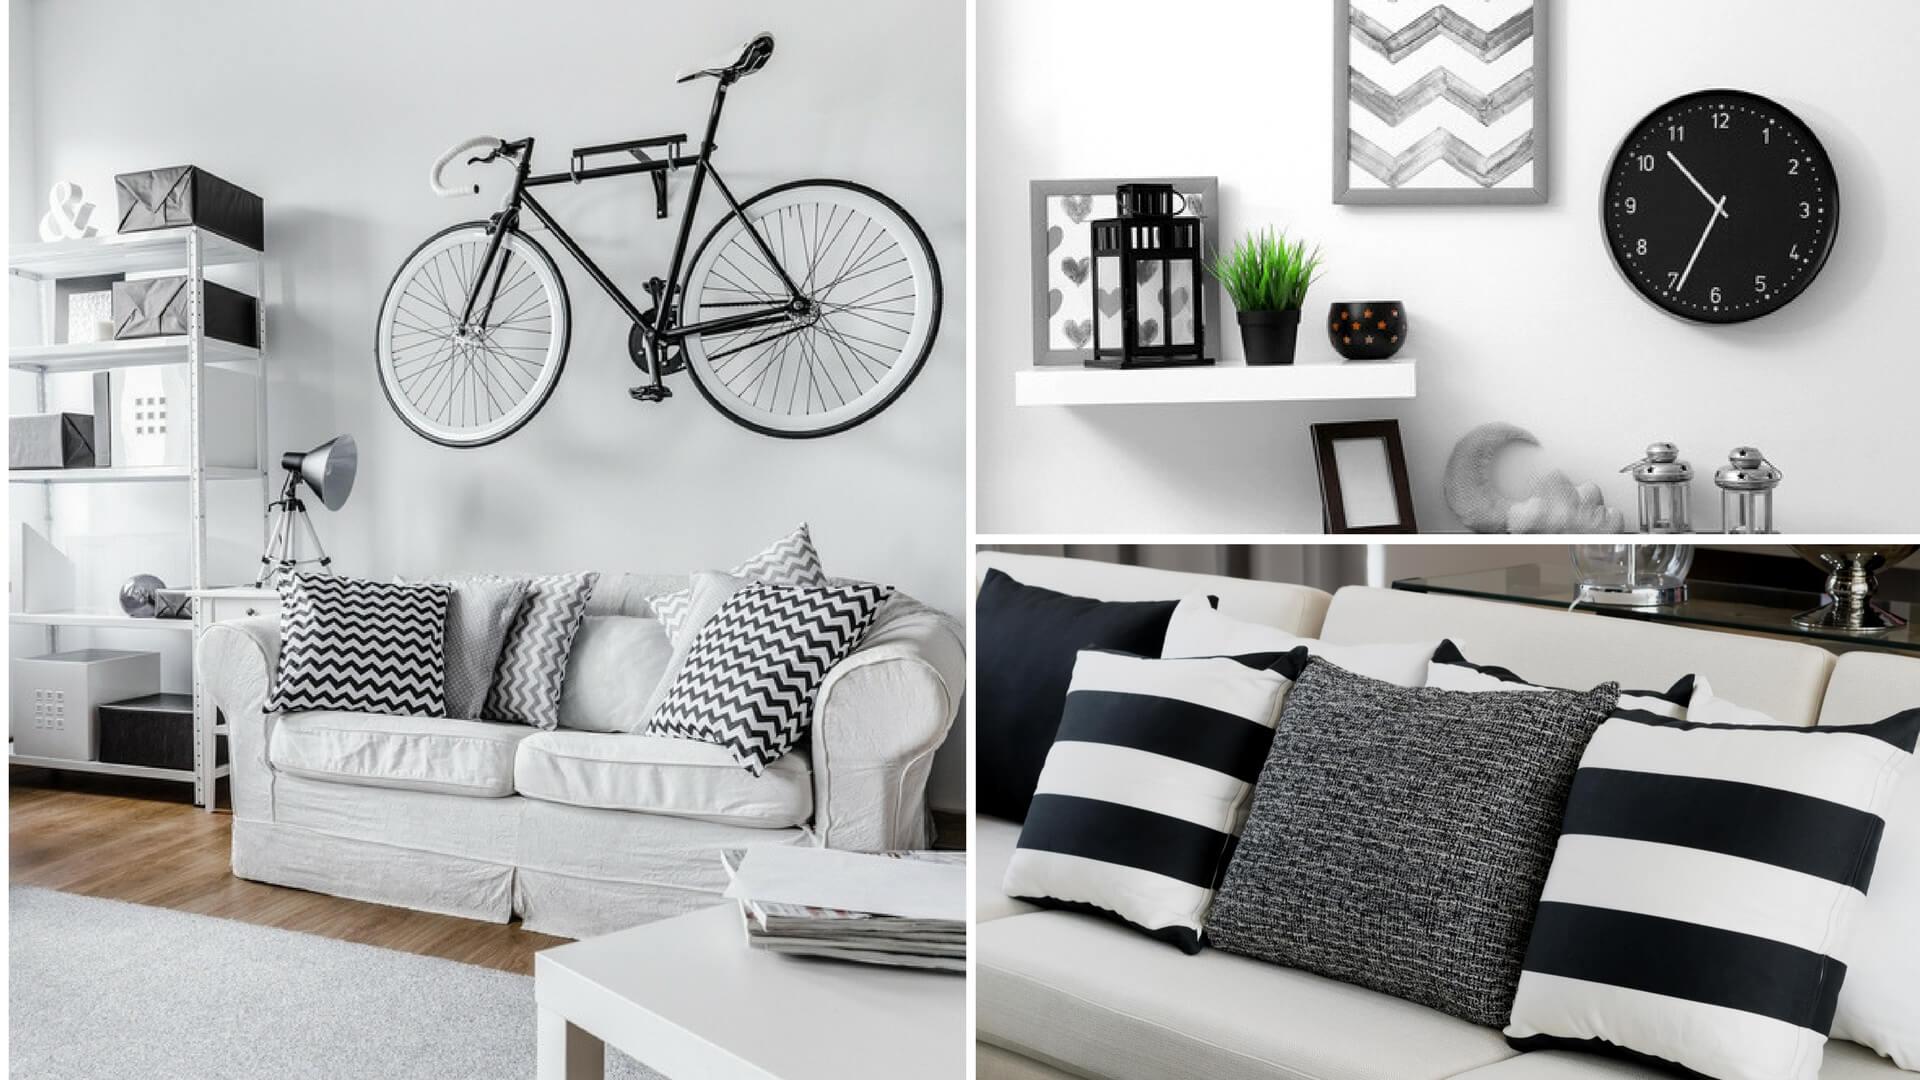 Camera Da Letto Bianca E Nera interni casa in black e white: leggi i nostri consigli